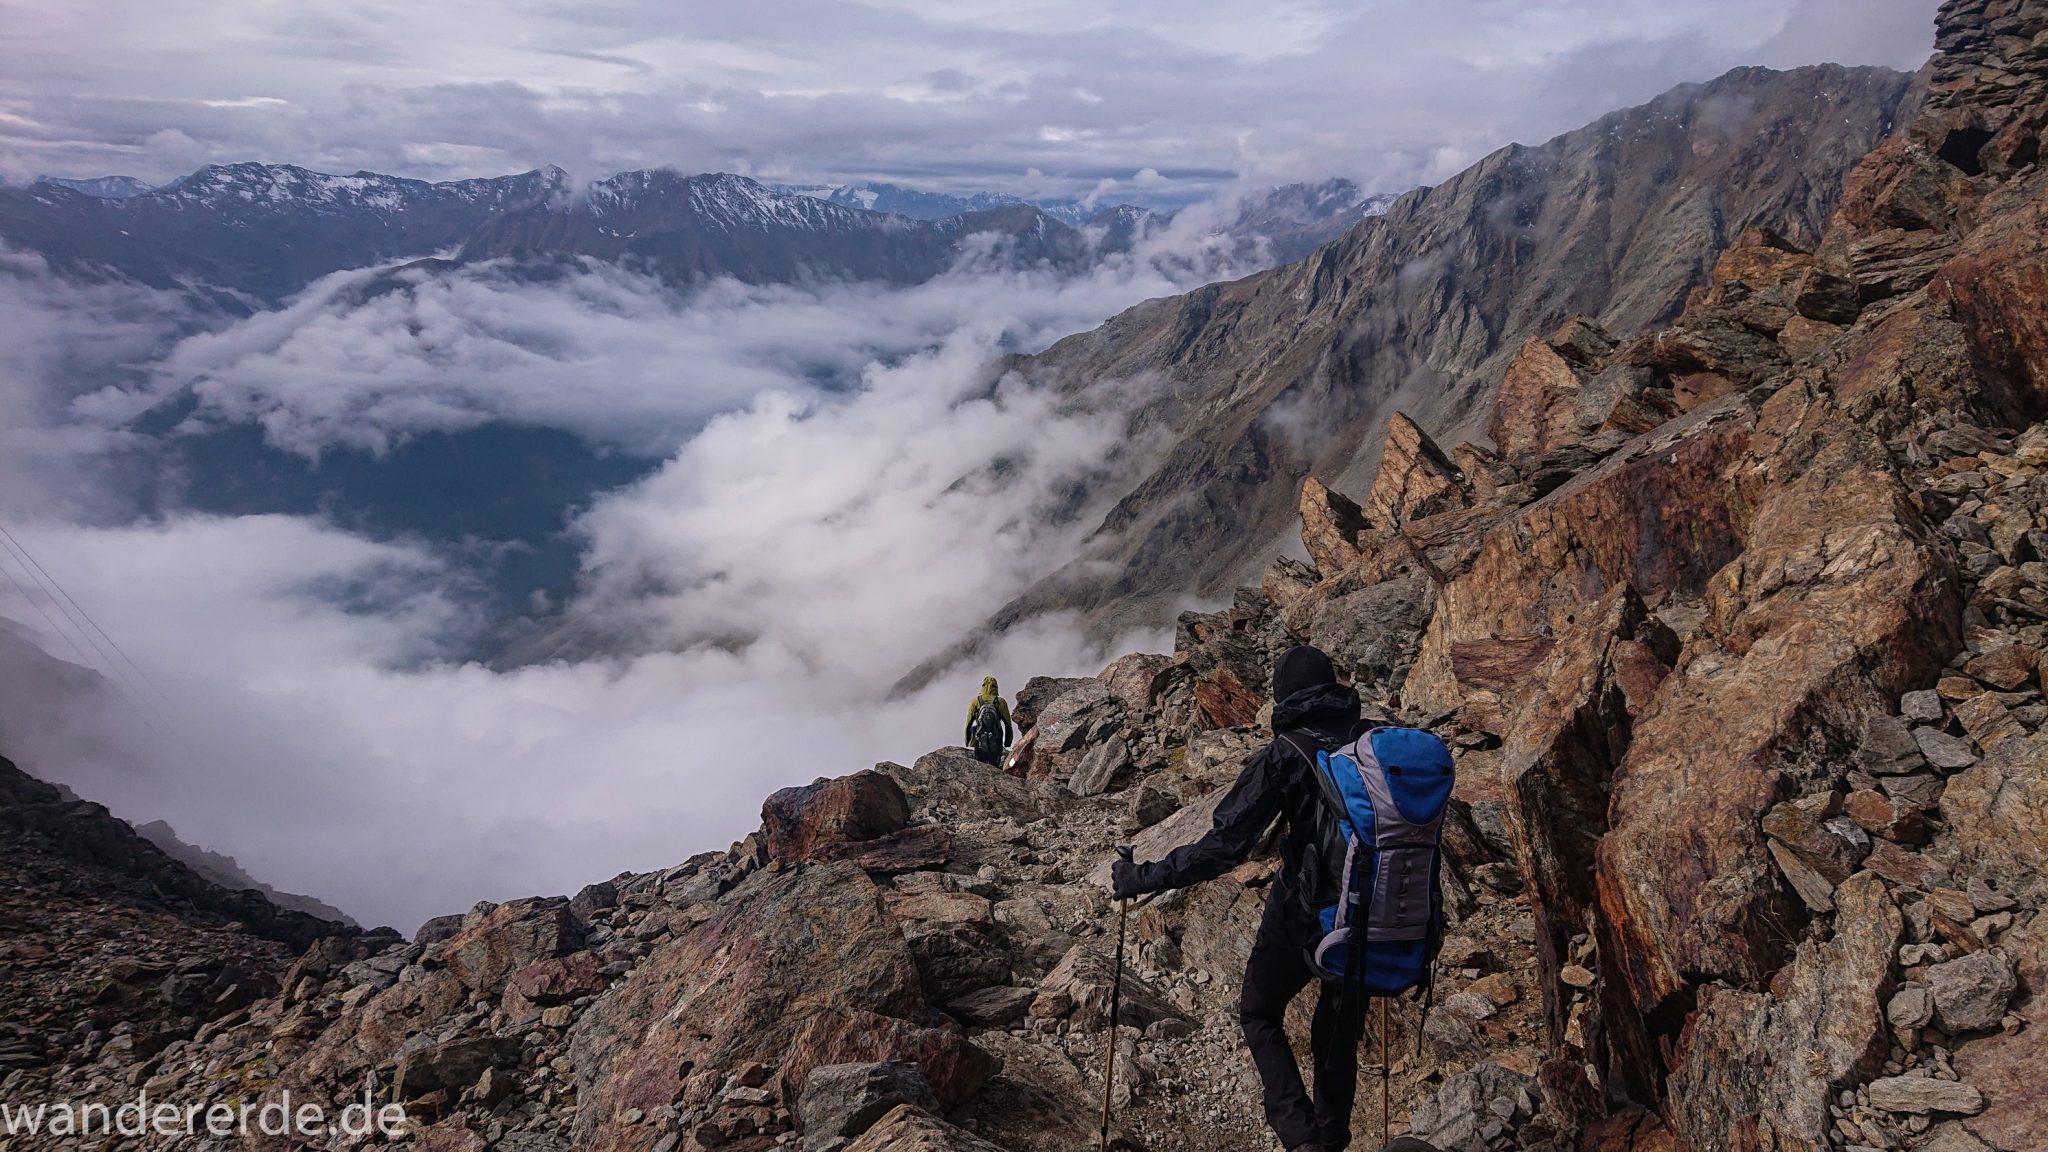 Alpenüberquerung Fernwanderweg E5 Oberstdorf Meran, 6. Etappe von Martin-Busch-Hütte nach Vernagt / Meran, die letzte Etappe der Alpenüberquerung auf dem E5 startet mit dem Aufstieg zur Similaun-Hütte, dem höchsten Punkt der gesamten Alpenüberquerung, umliegende sehr beeindruckende Bergwelt erscheint unwirklich und mystisch, Berghänge mit viel Geröll, Wanderweg verläuft nach der Similaun-Hütte steil abwärts Richtung Vernagt im Schnalstal, Wanderer während steilem Abstieg auf ausgesetztem Pfad